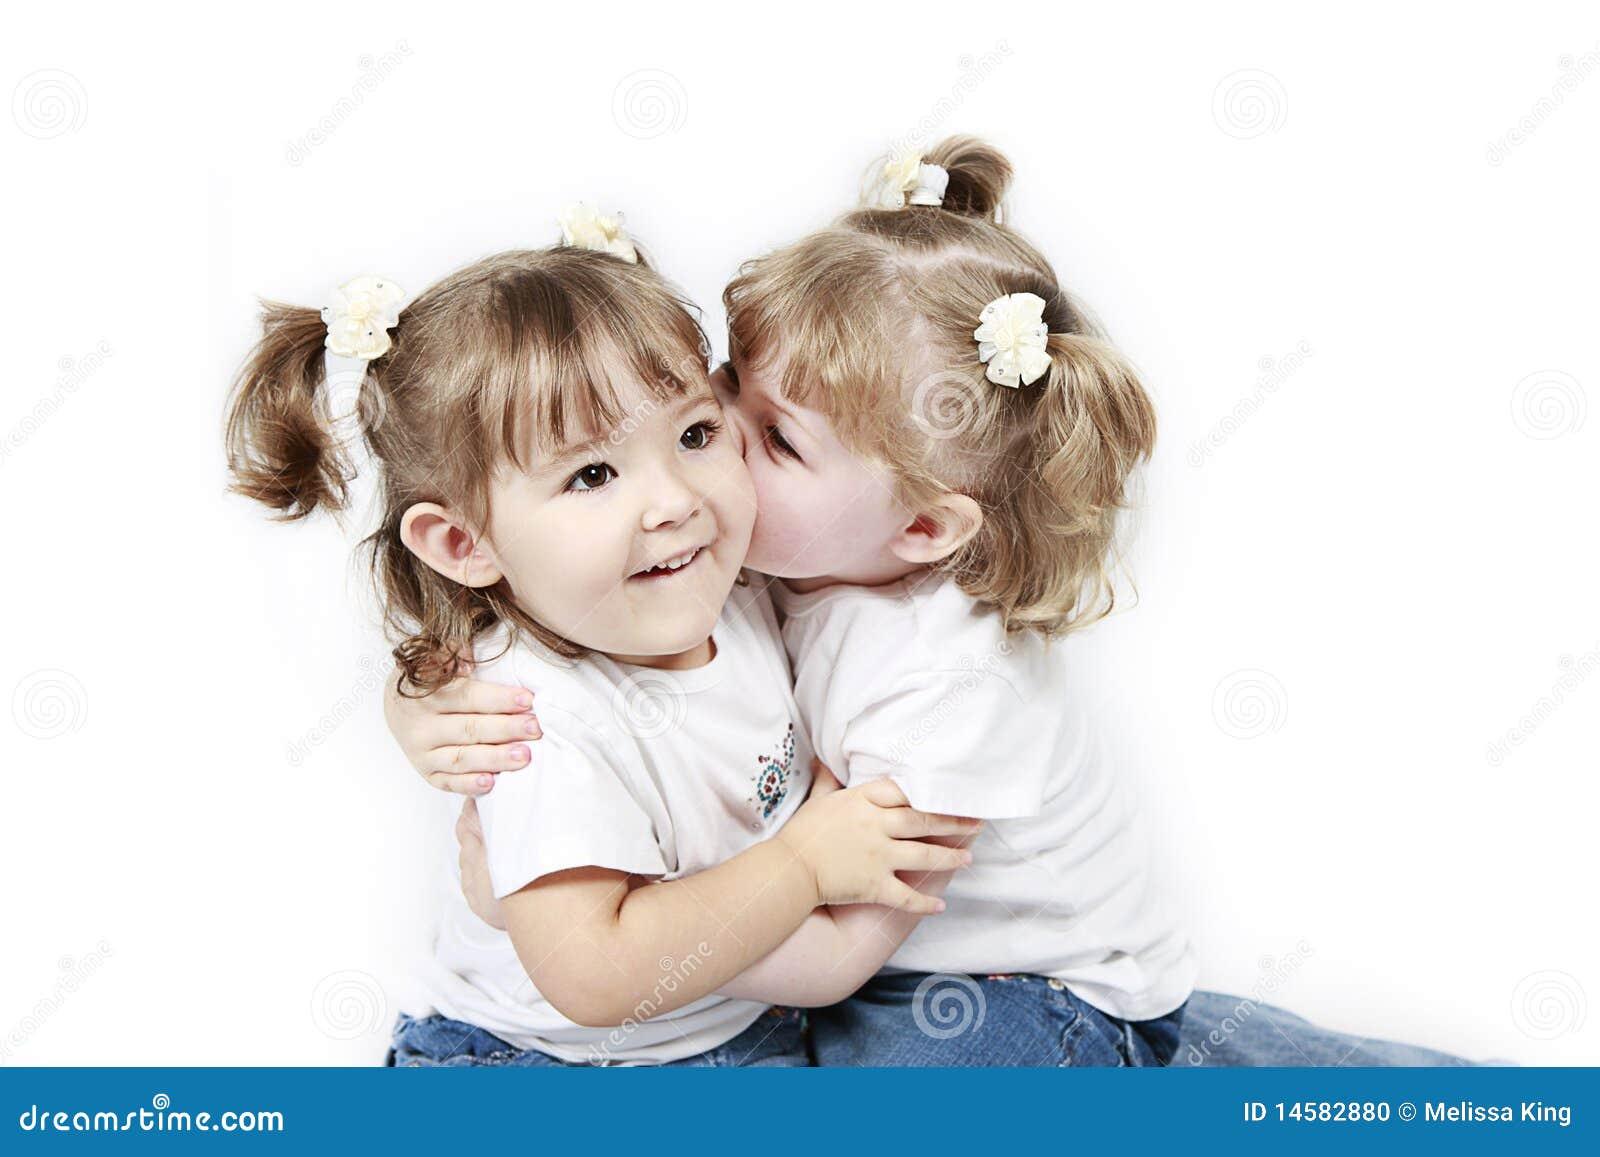 Kussen Voor Peuter : Het tweeling peuters kussen stock foto afbeelding bestaande uit